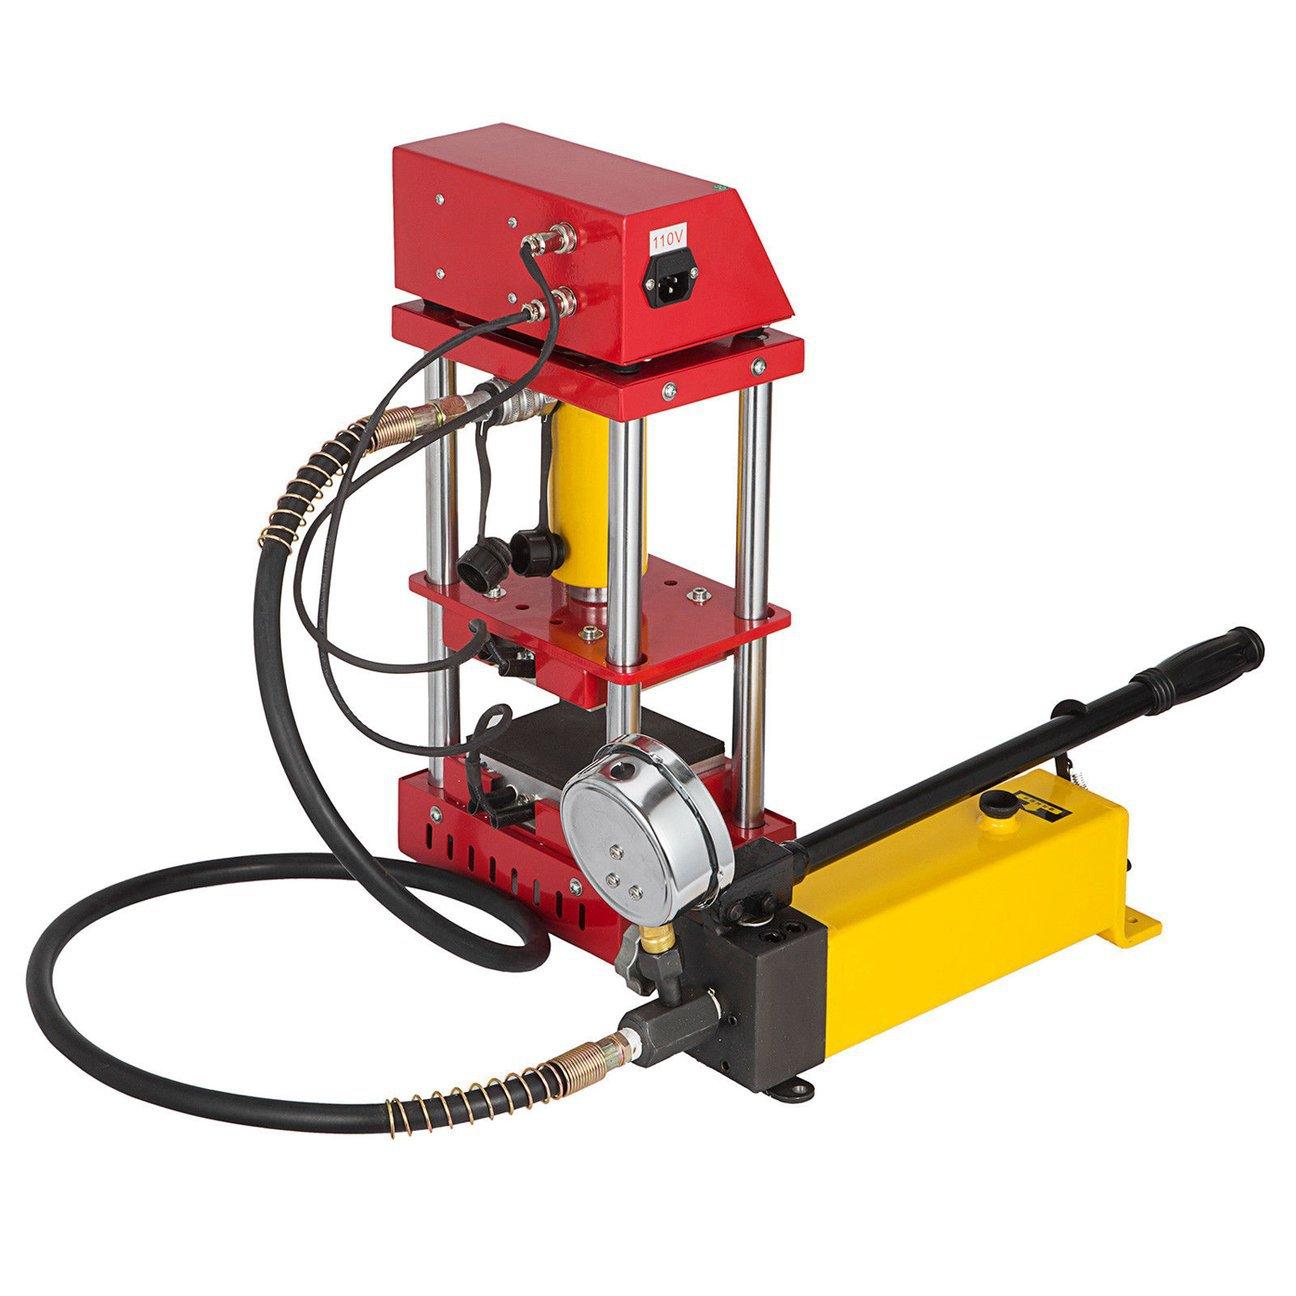 手动液压松香机AR1701热转印小型12x12CM烫画机压榨萃取设备